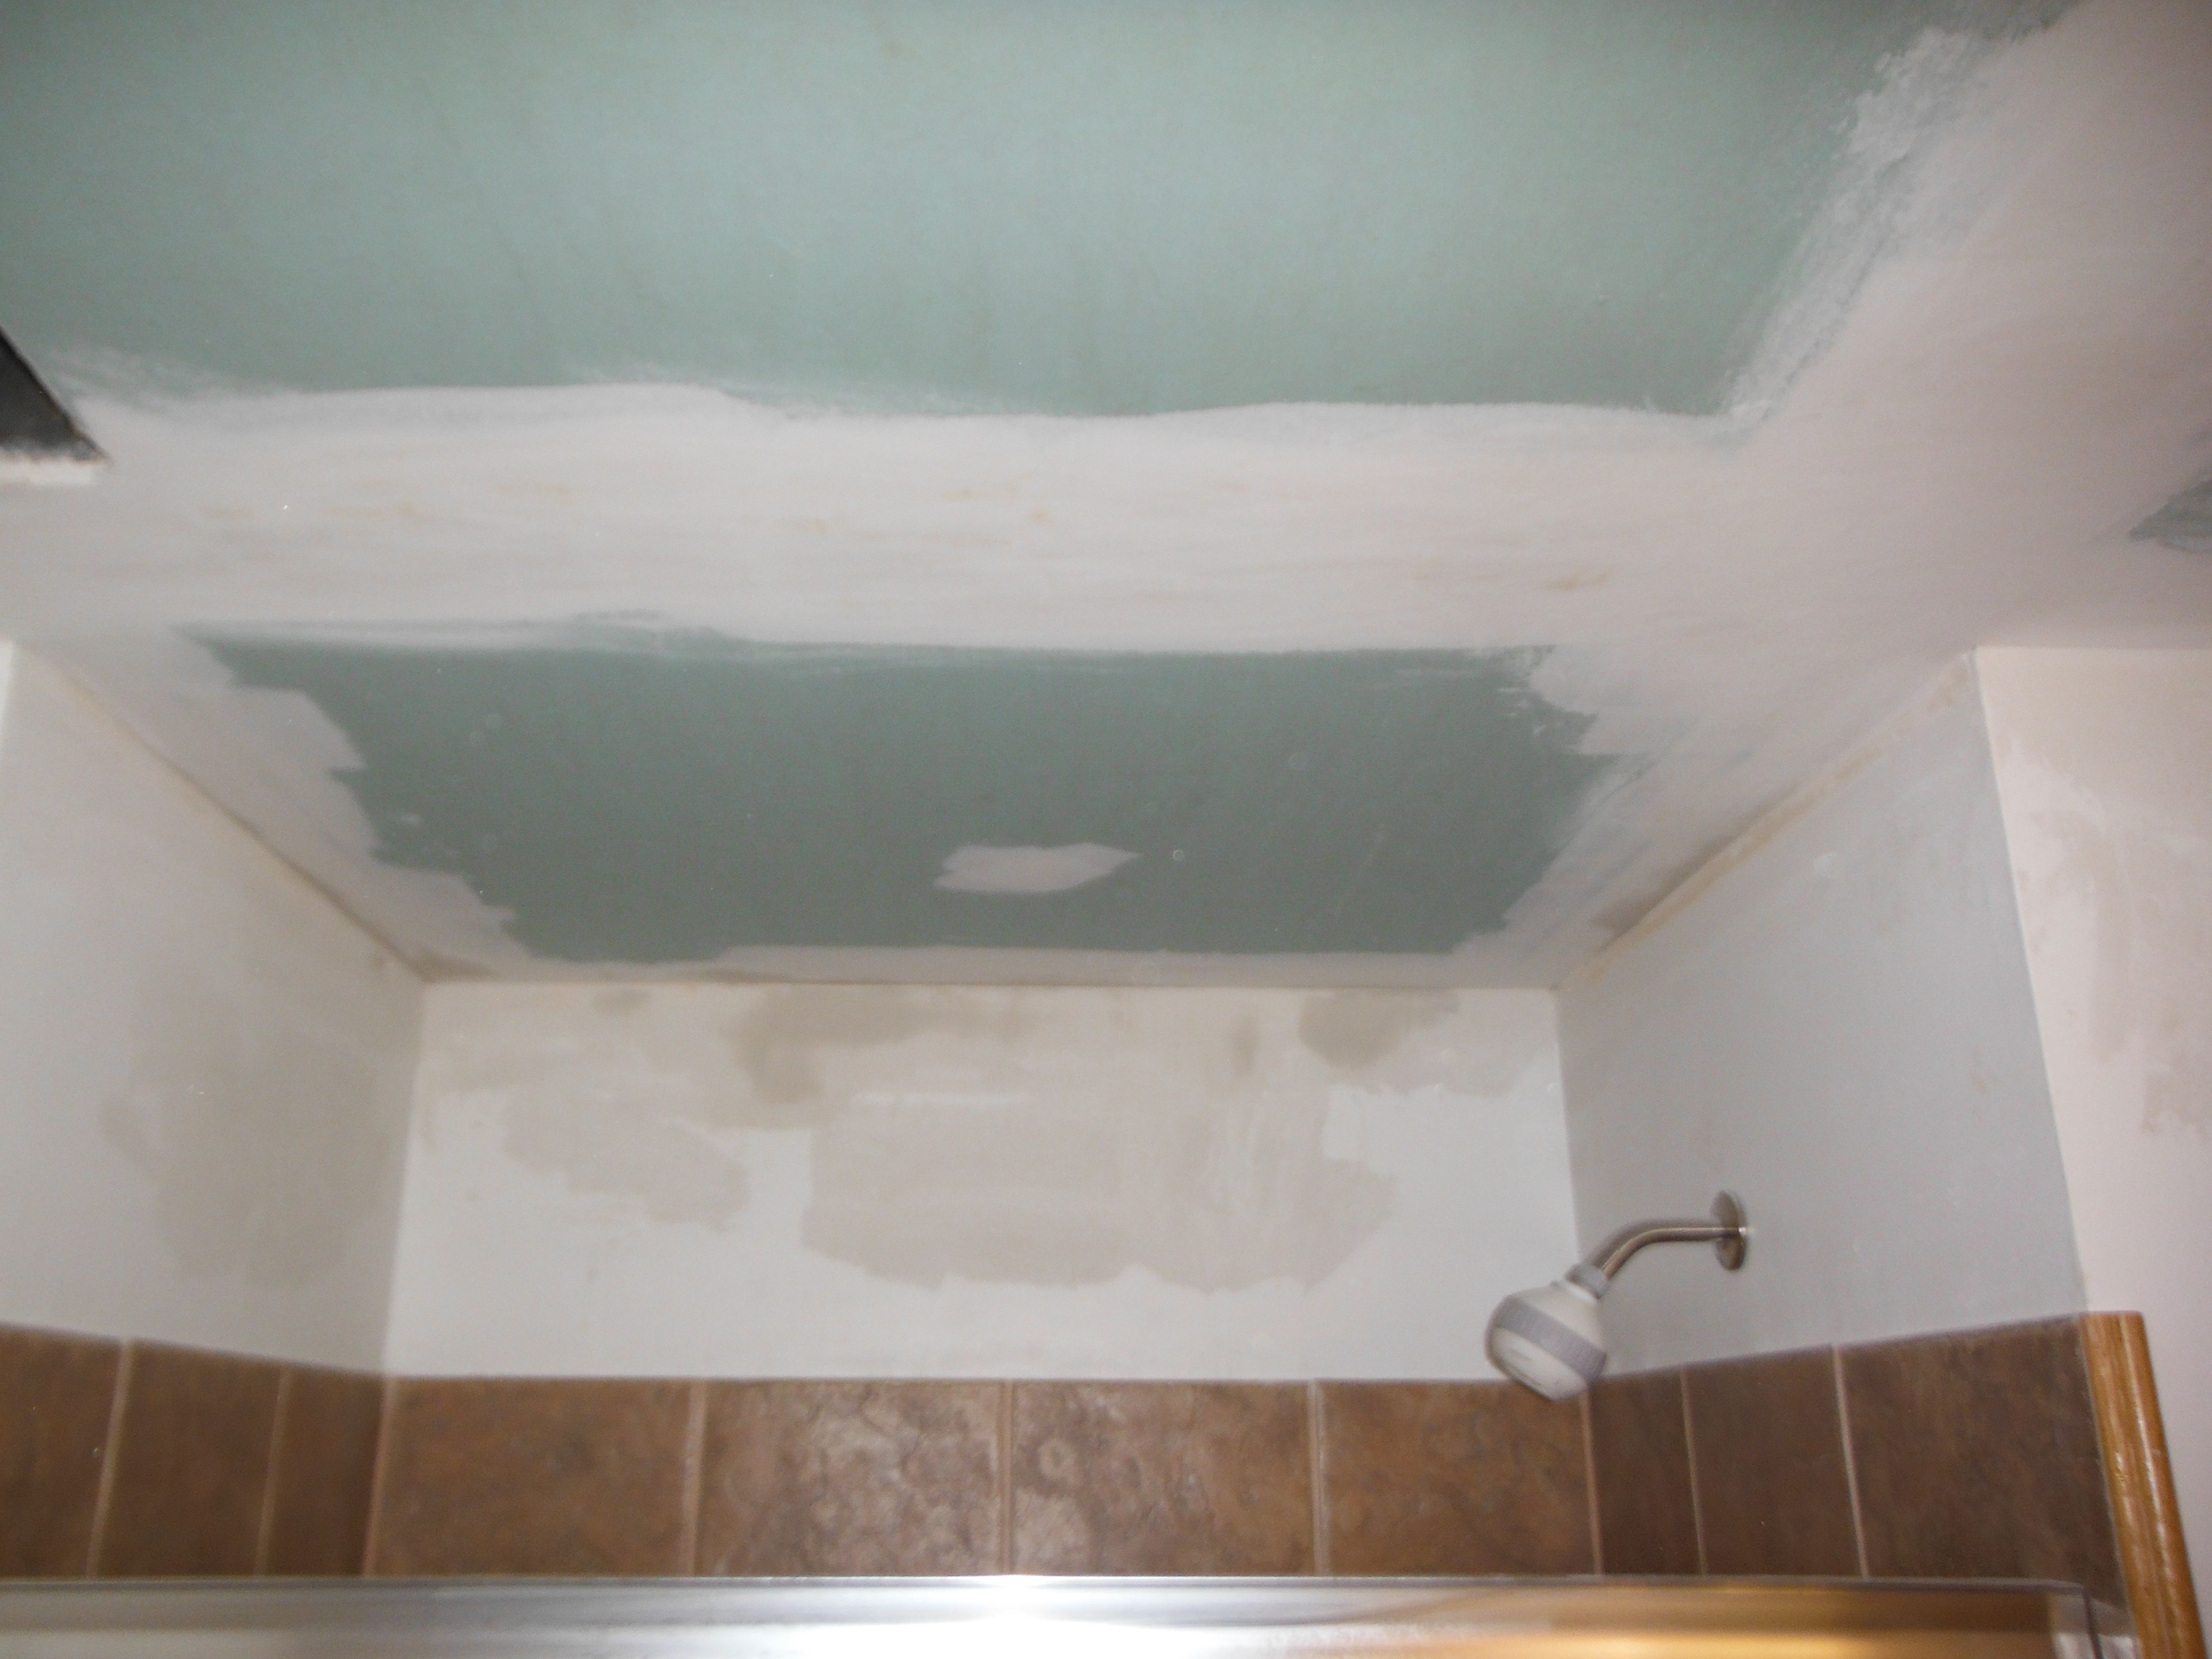 Drywall Repair In Basement Bathroom Complete Shot Over The Shower - Bathroom drywall repair